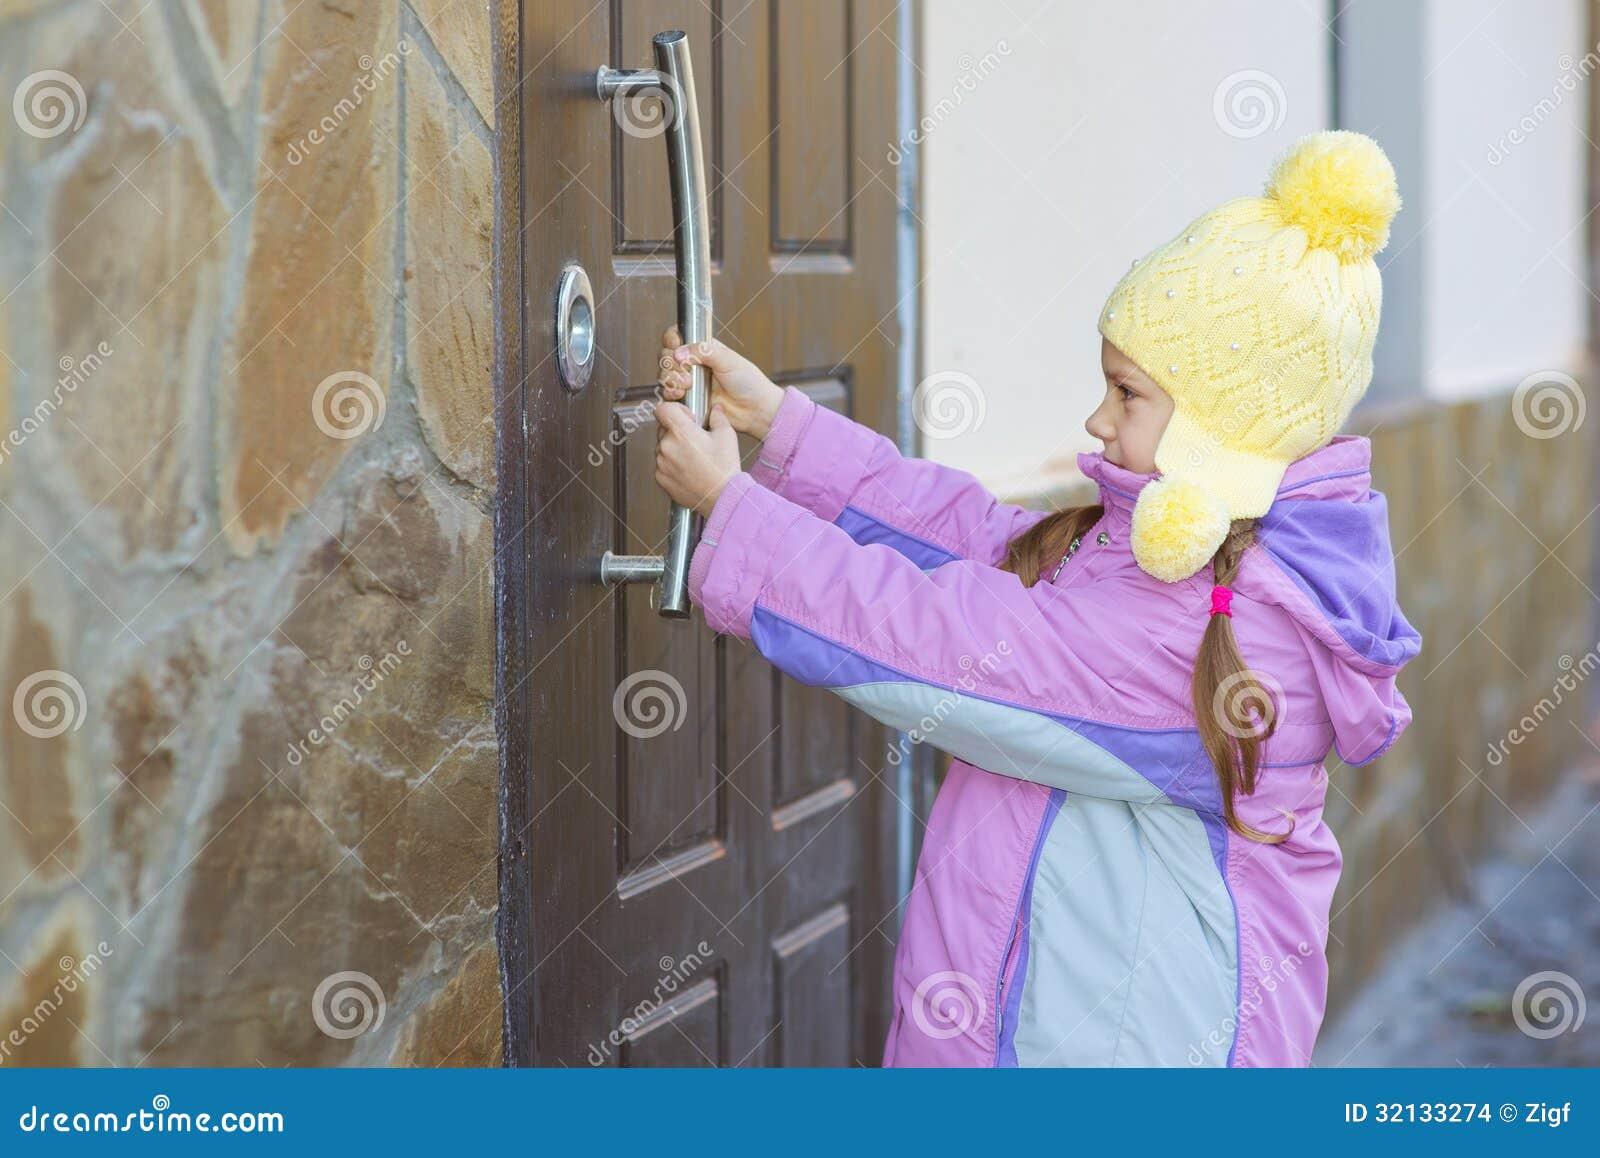 Meisje open deur